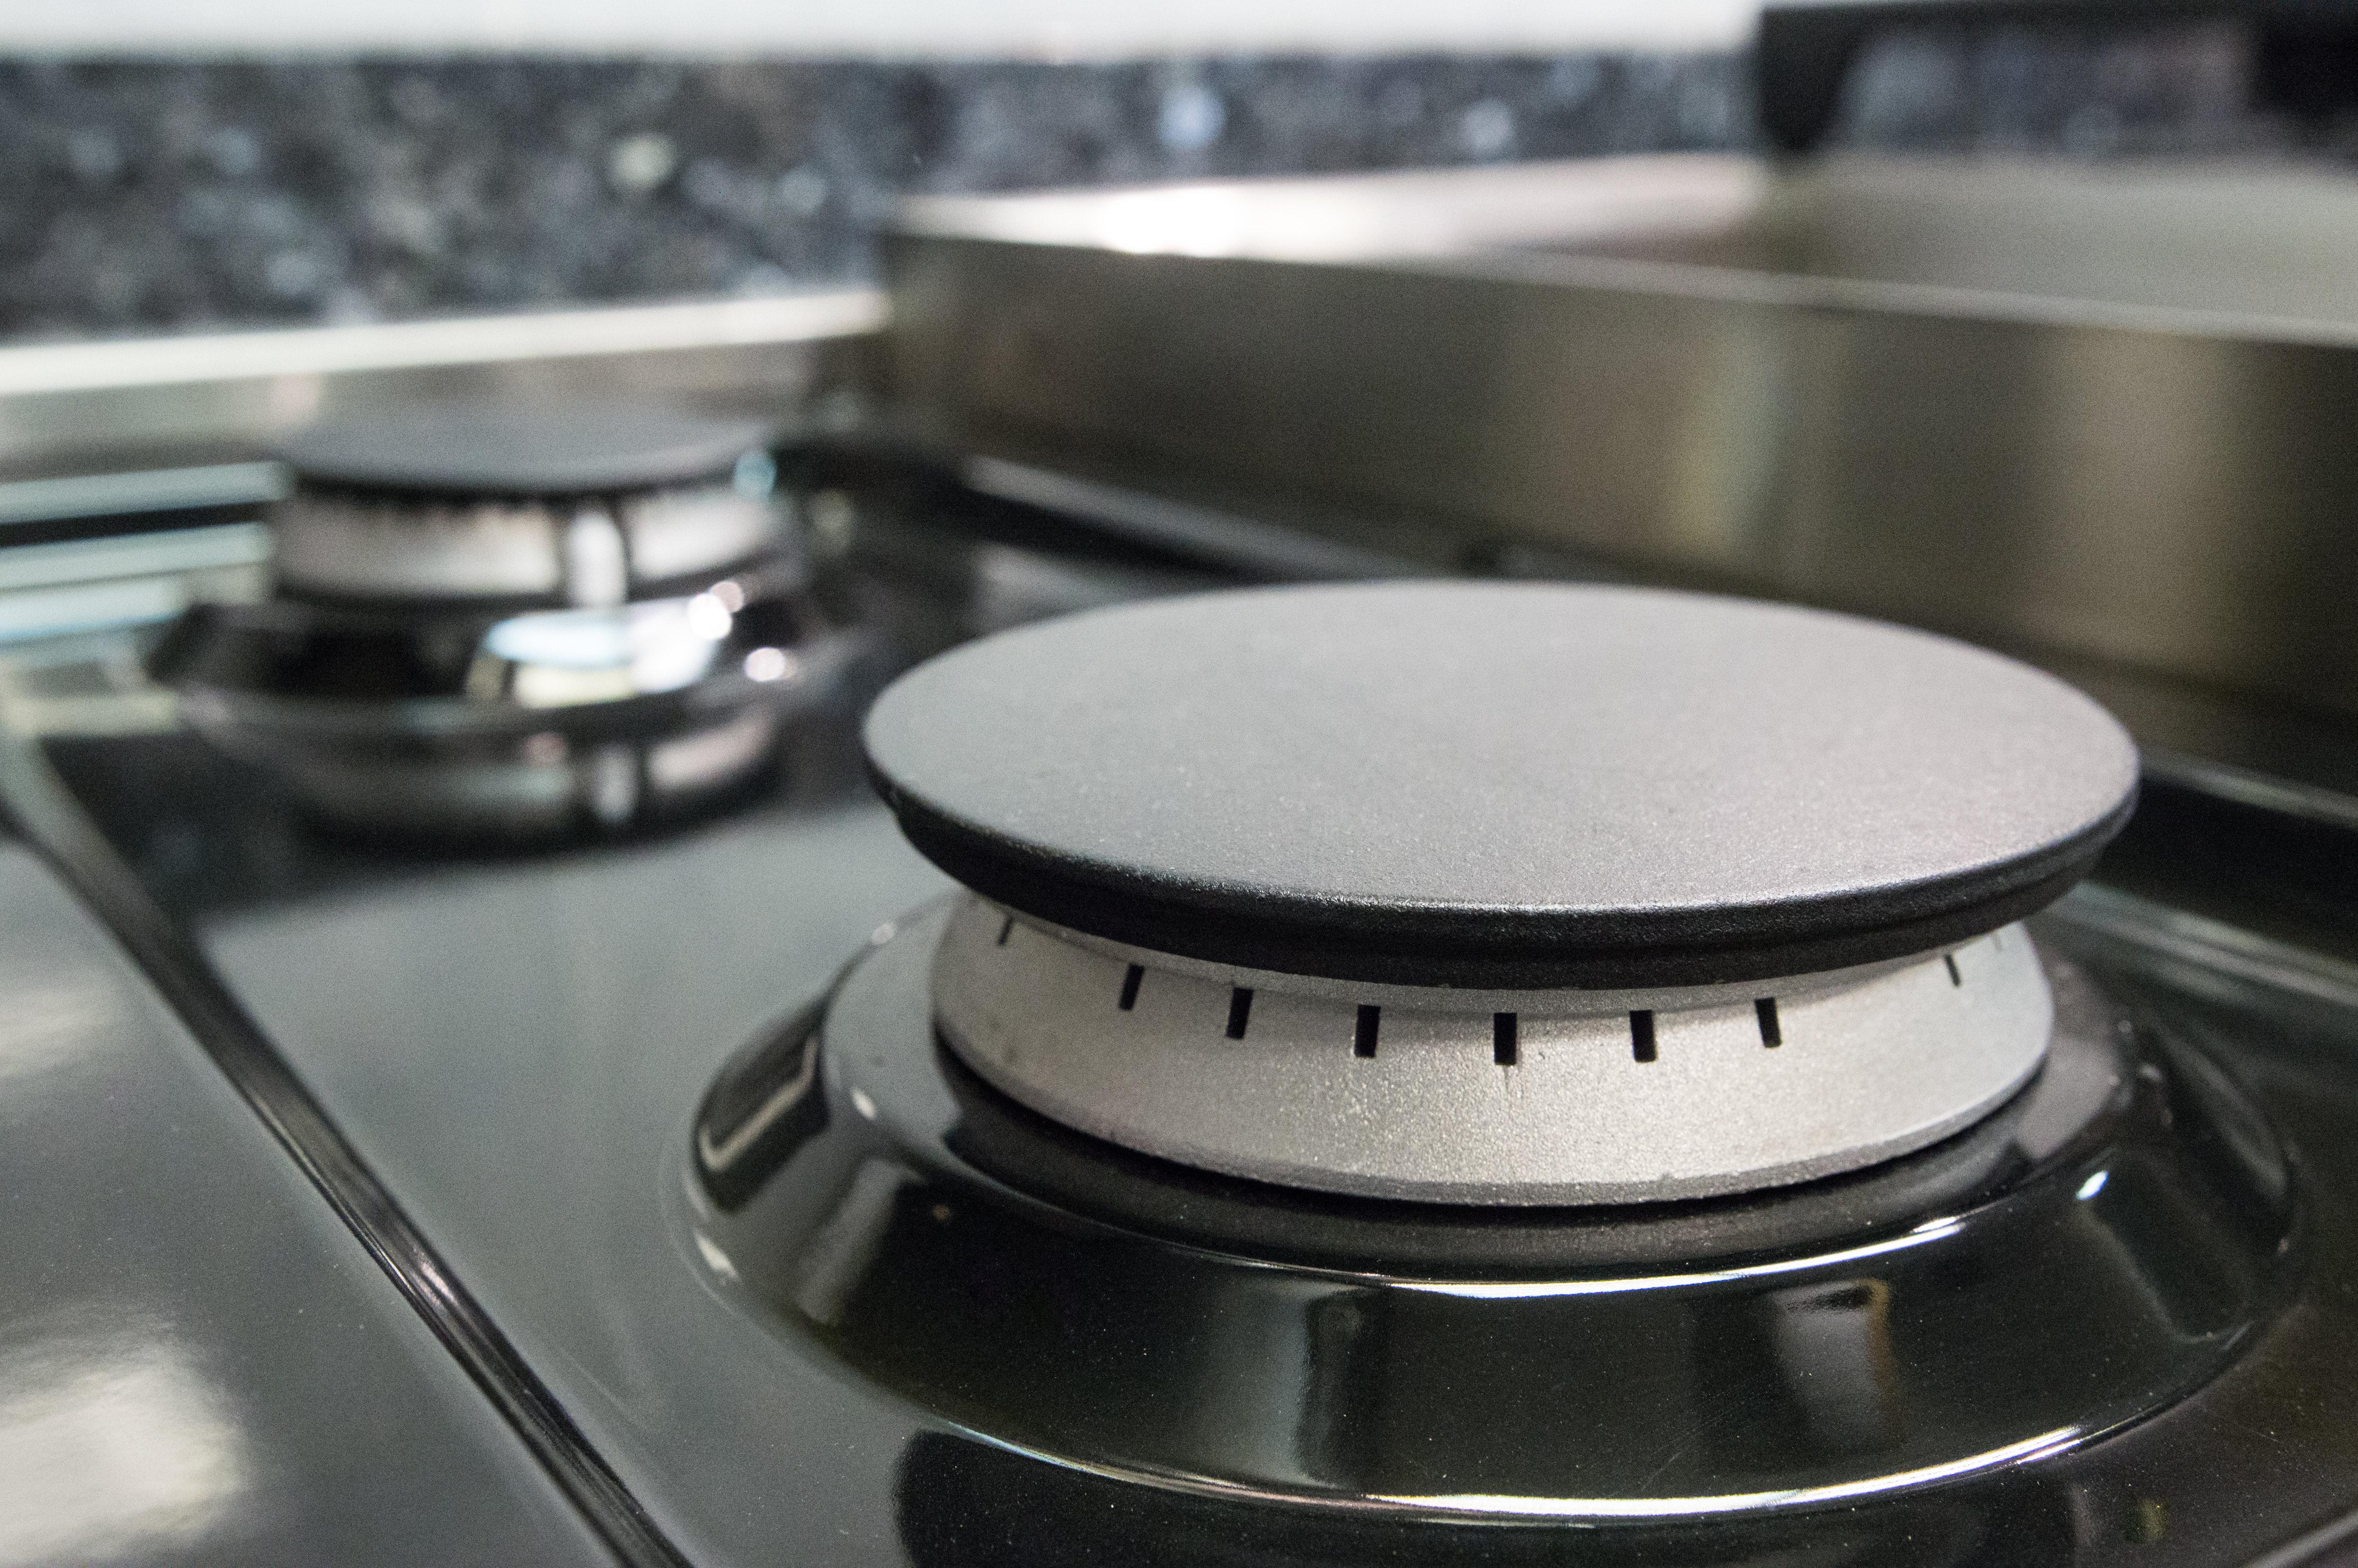 lefthand burners on rangetop